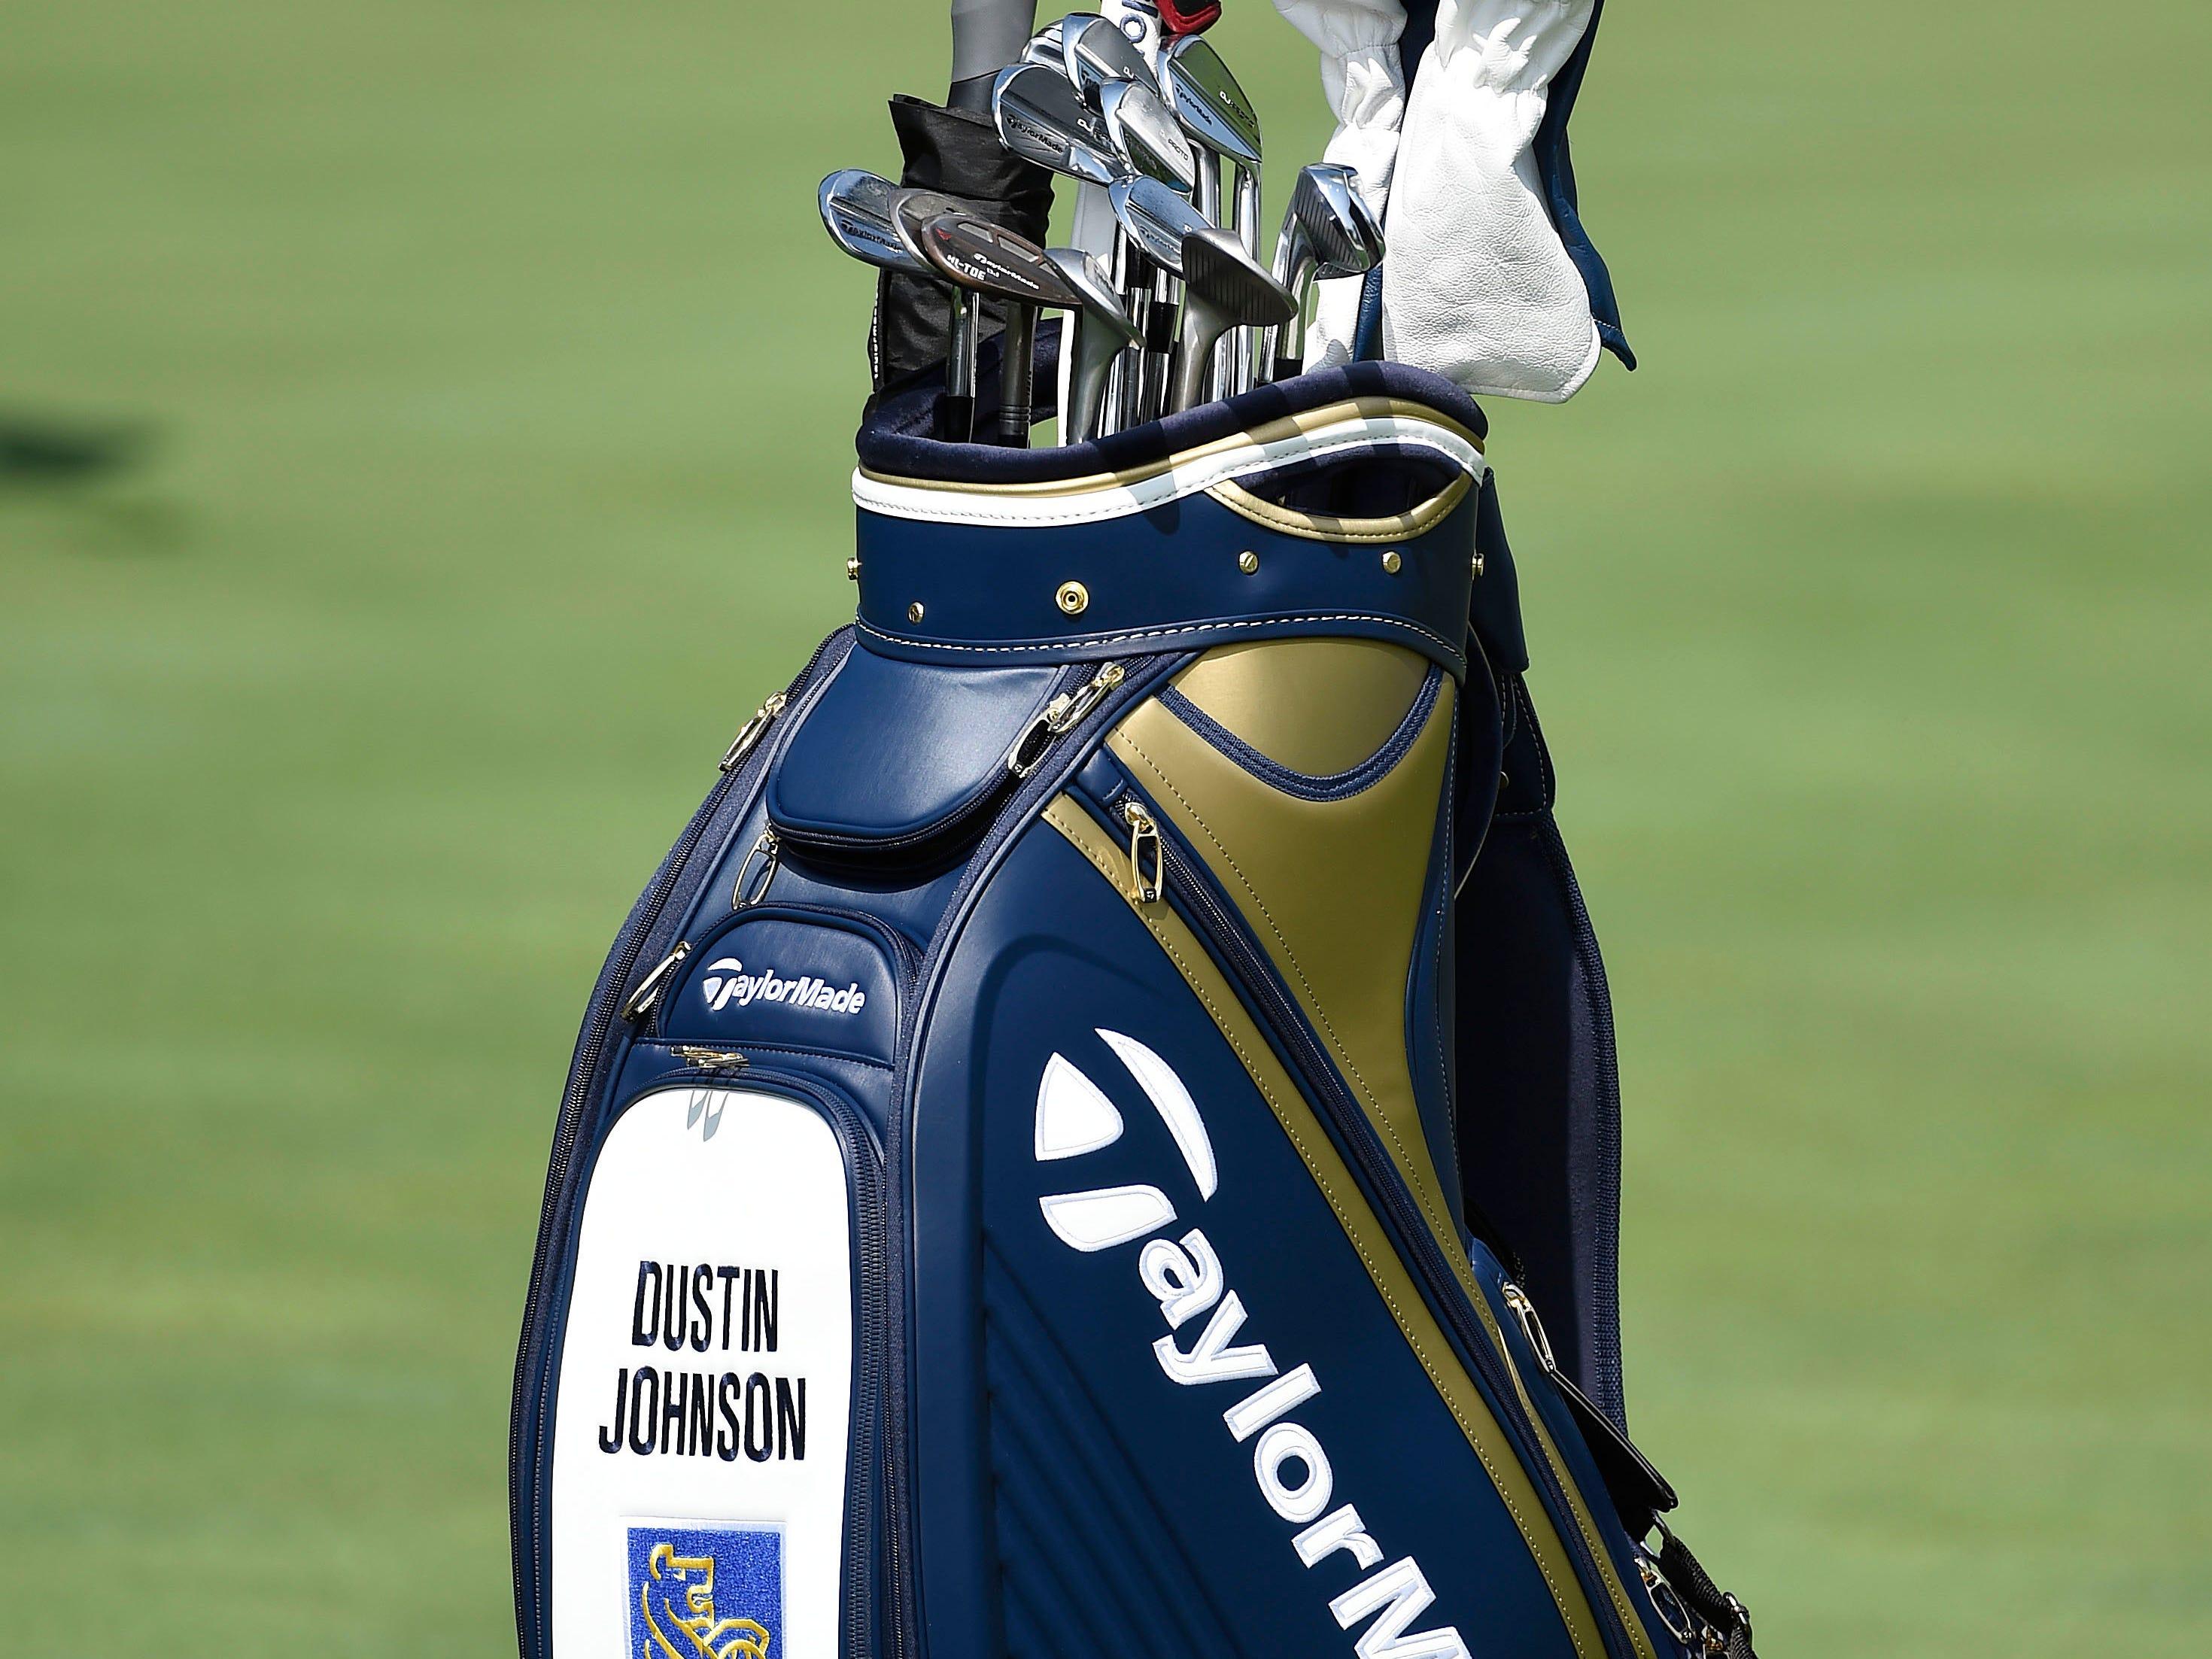 Dustin Johnson's bag.